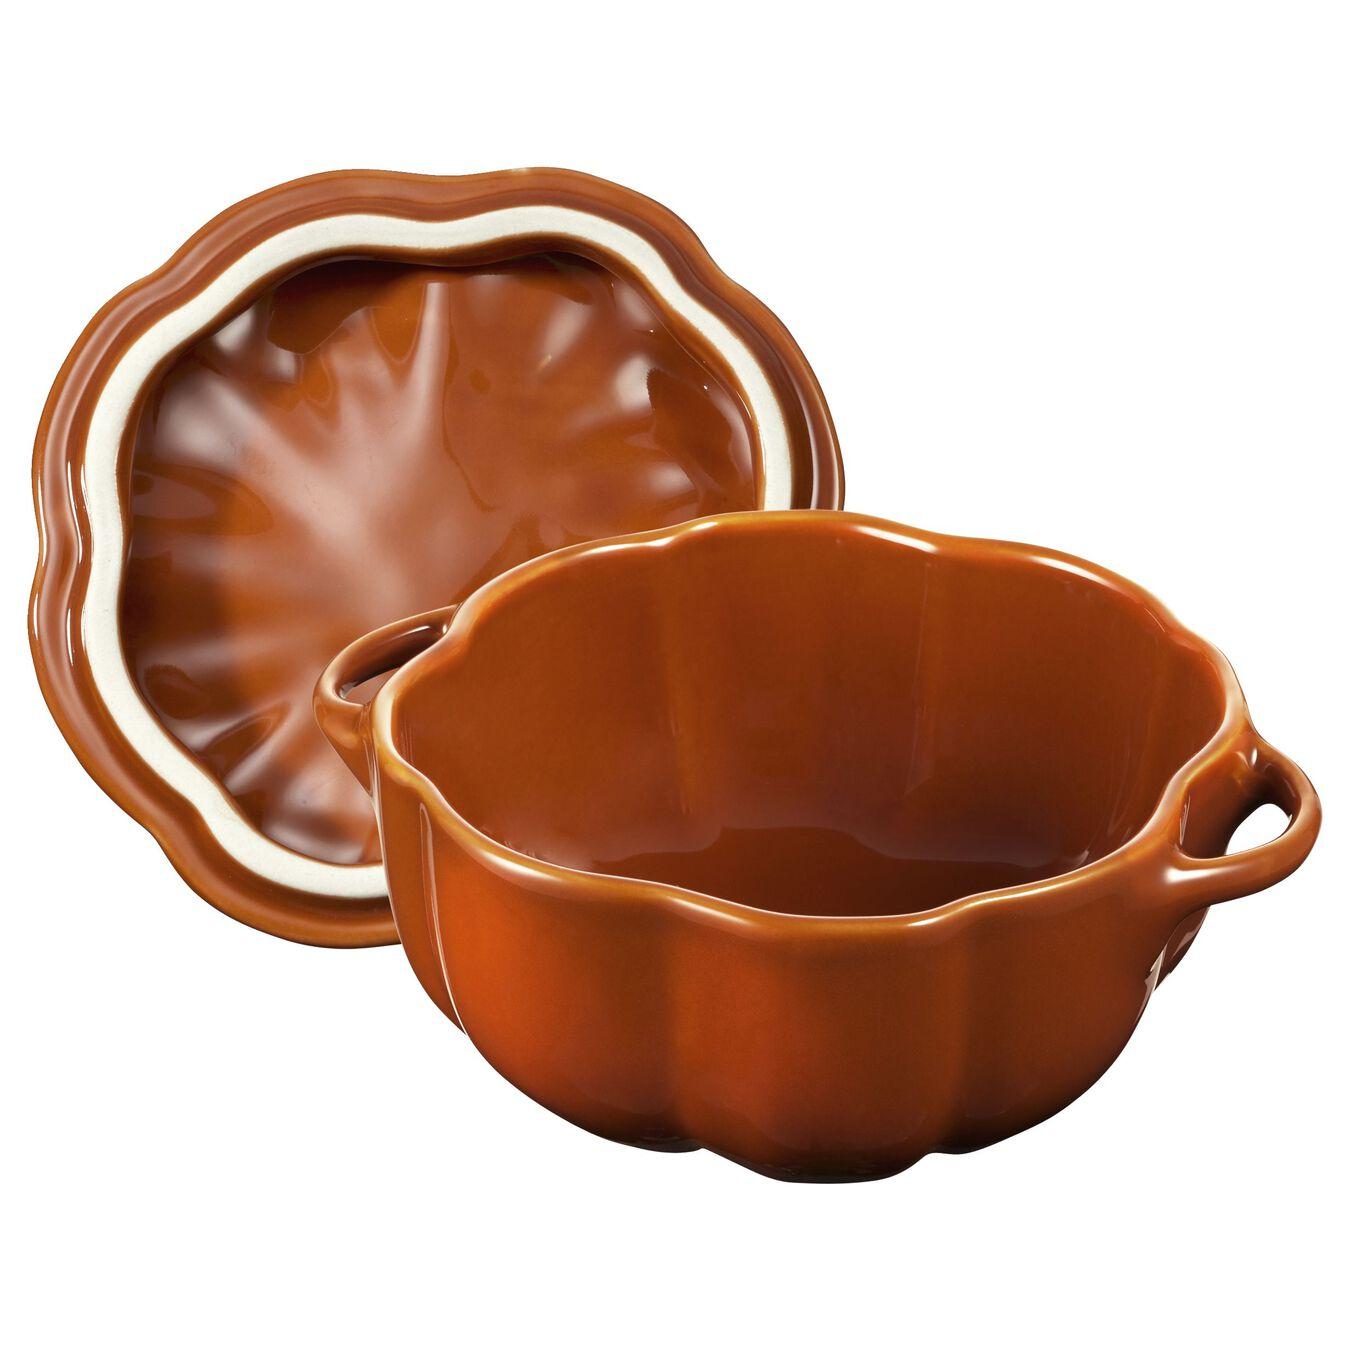 Cocotte 12 cm, Kürbis, Zimt, Keramik,,large 2